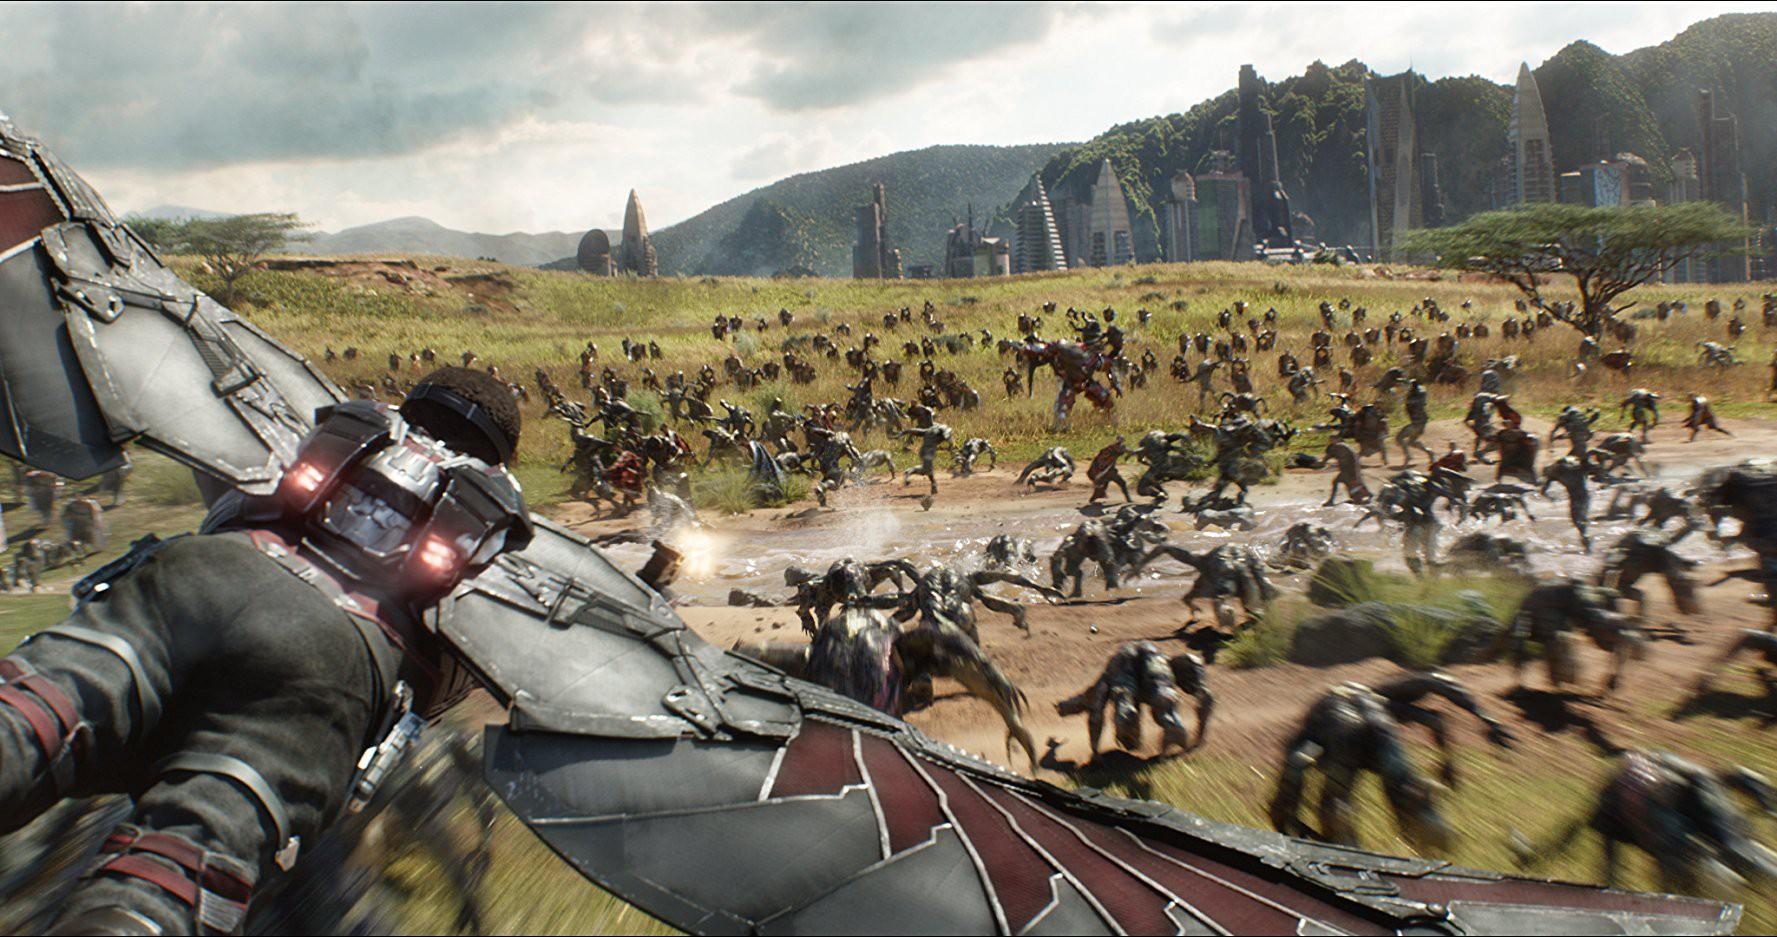 """""""Avengers: Infinity War"""": Cực phẩm siêu anh hùng đặt dấu mốc ấn tượng tại đỉnh cao 10 năm của vũ trụ điện ảnh Marvel - Ảnh 4."""